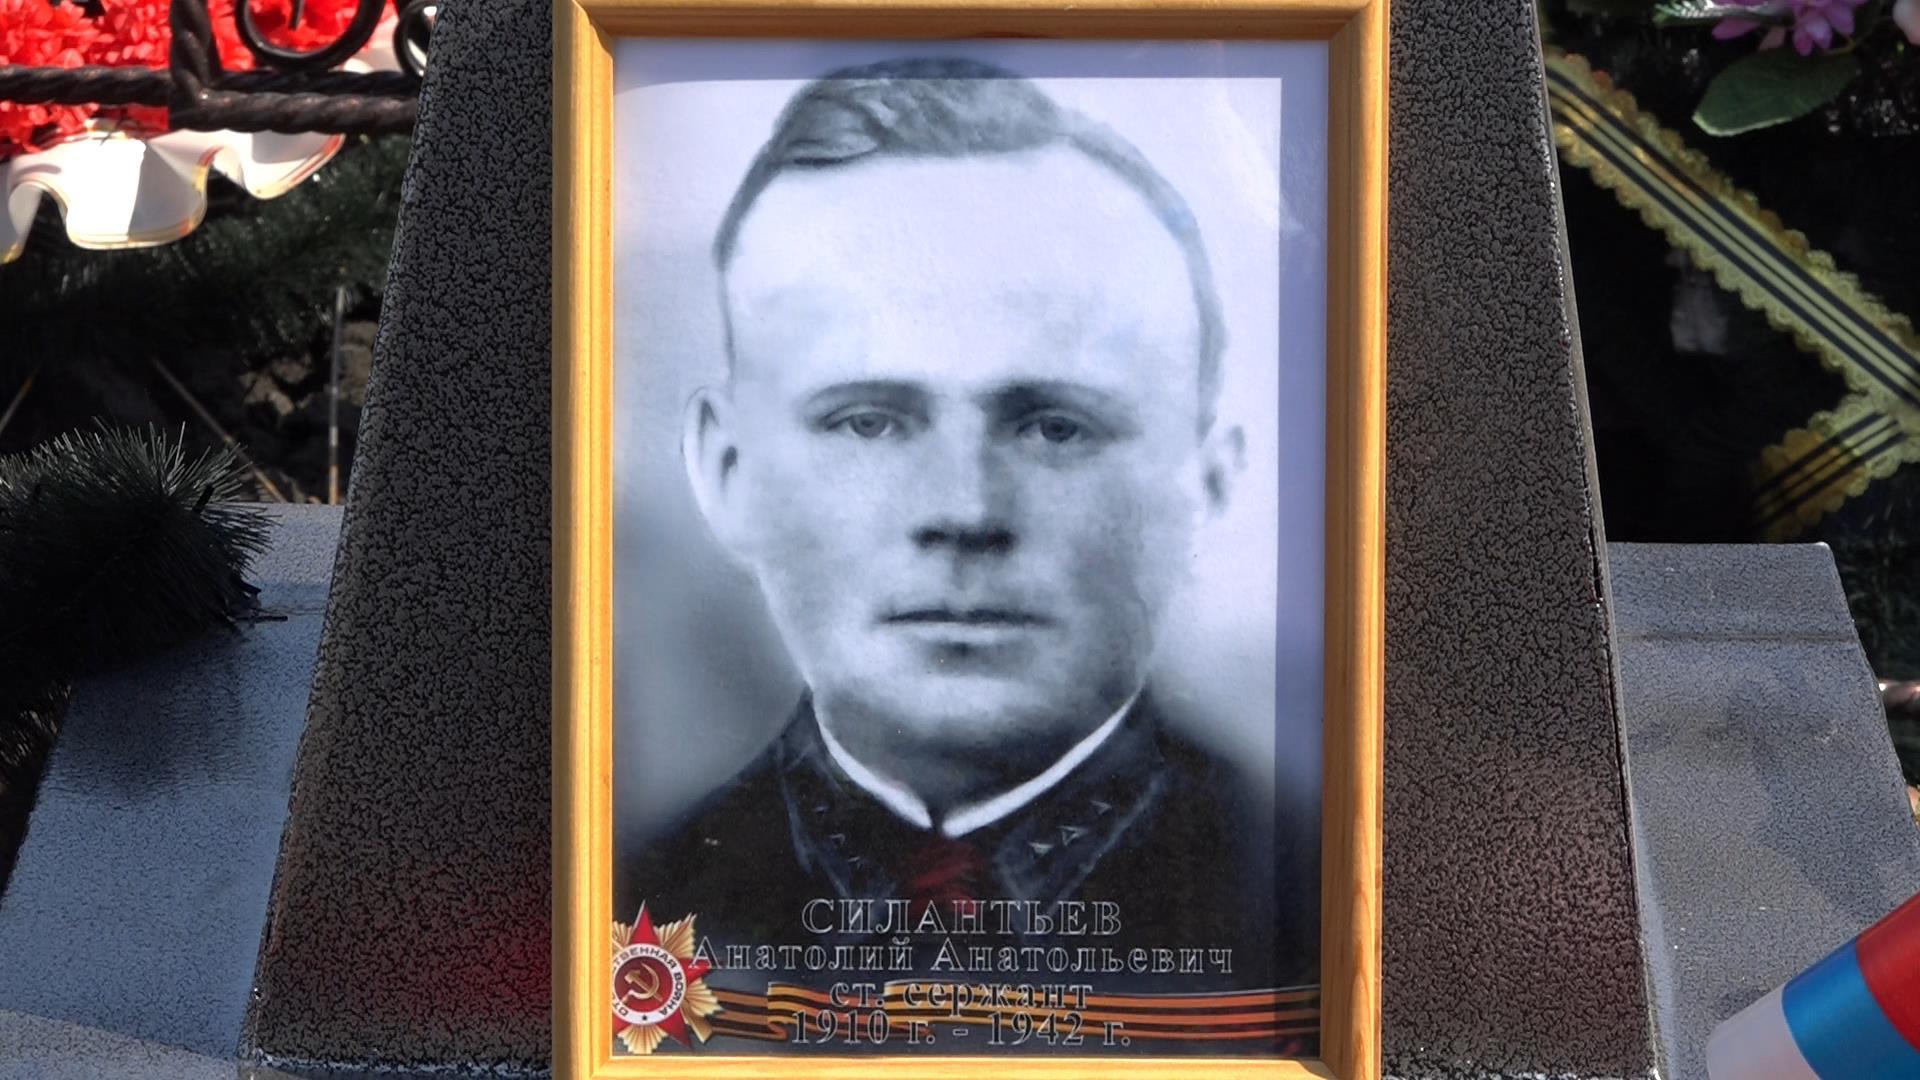 В Кузнецке прошла  торжественная церемония перезахоронения останков бойца Анатолия  Силантьева, погибшего в годы Великой Отечественной войны